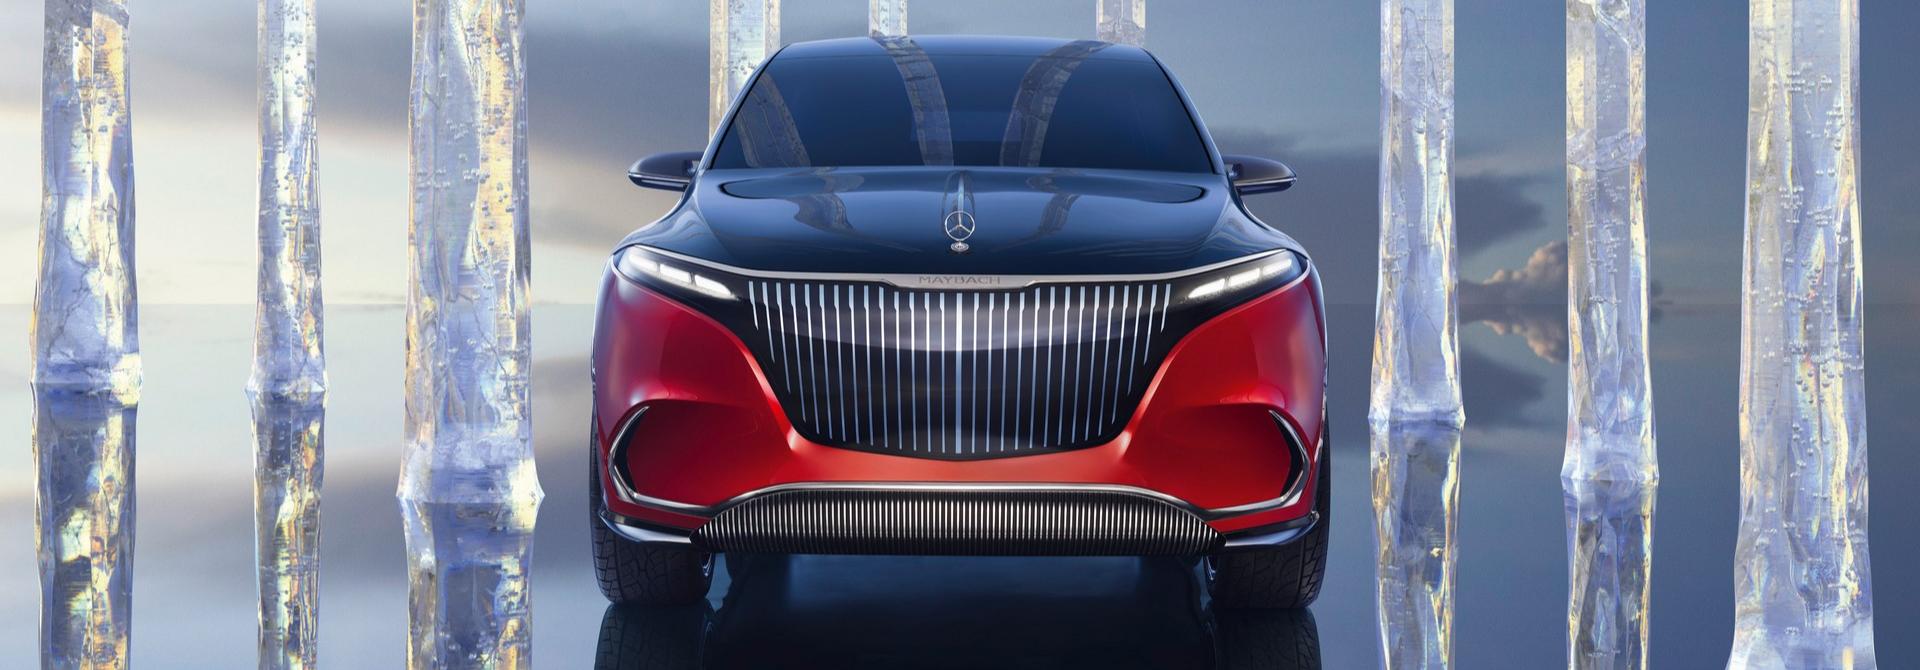 """SUV Maybach EQS chạy điện hoàn toàn """"hơn cả sang trọng"""""""